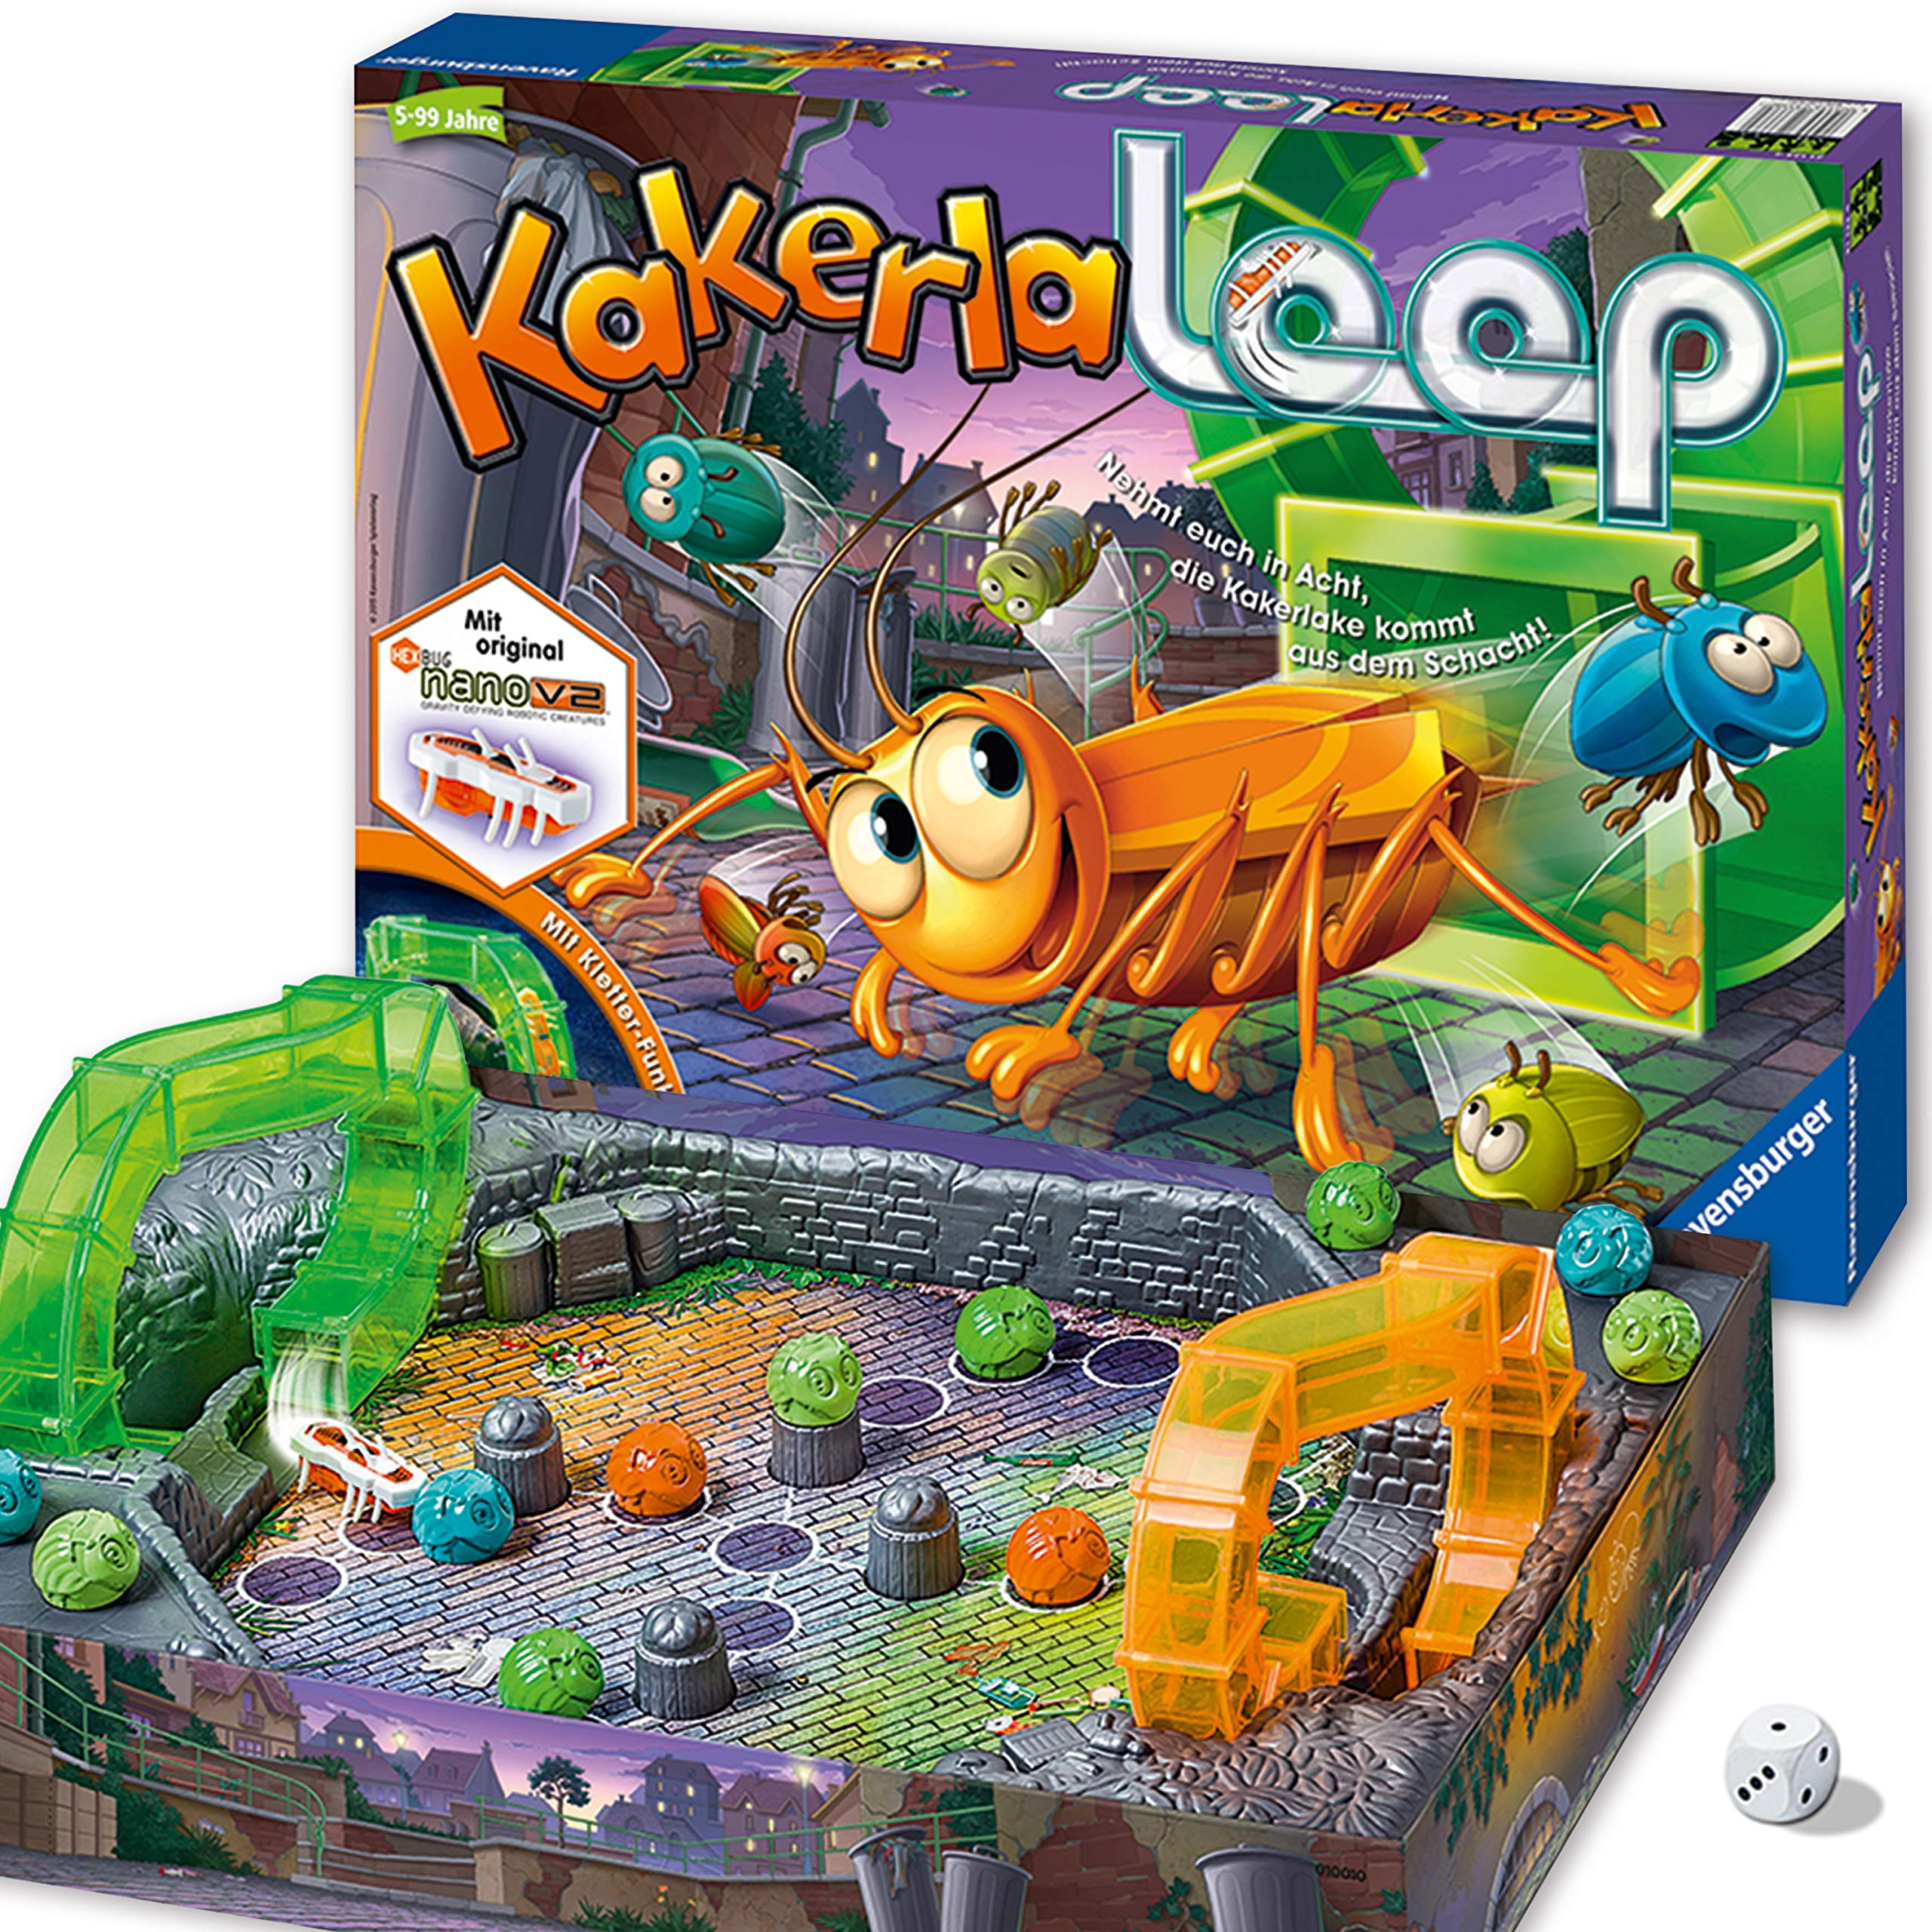 Ravensburger - Juego de reflejos Kakerlaloop, 2 a 4 jugadores (21123) (versión en alemán)  , color/modelo surtido: Brand, Inka & Markus: Amazon.es: Juguetes y juegos